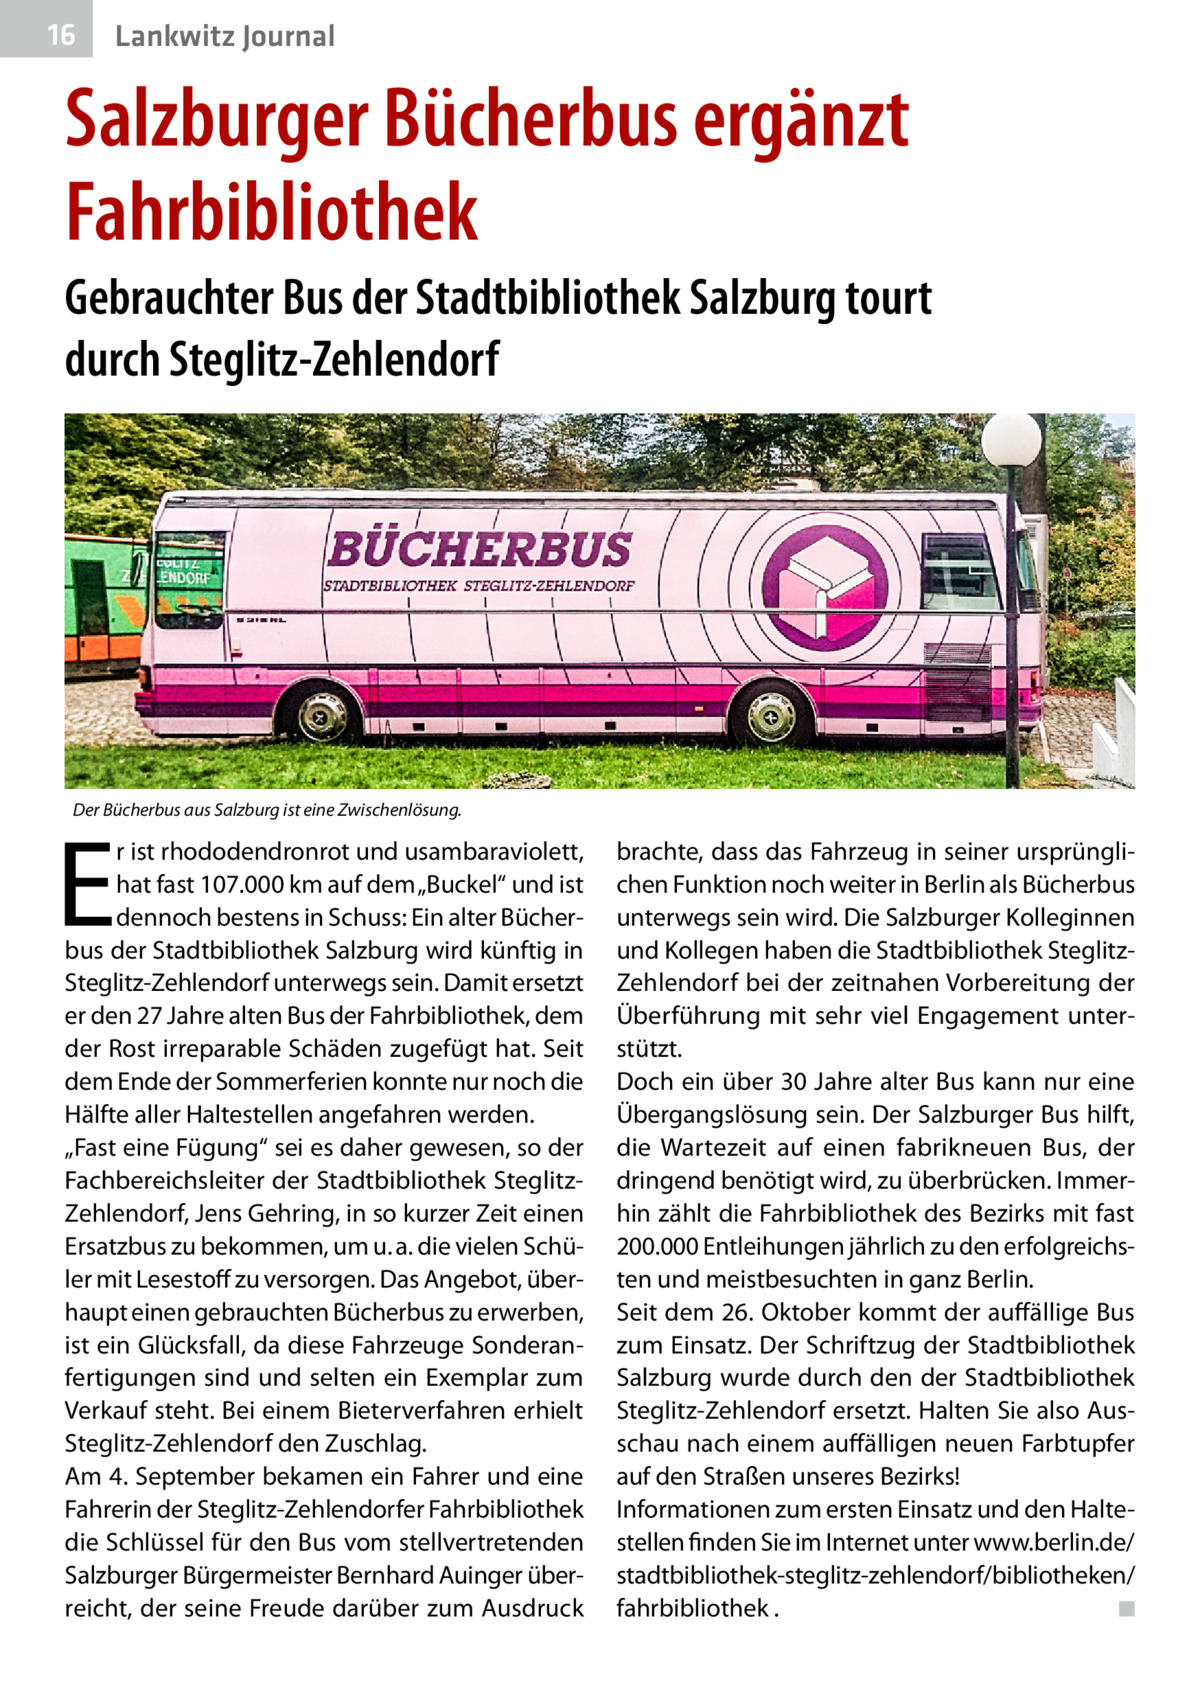 """16  Lankwitz Journal  Salzburger Bücherbus ergänzt Fahrbibliothek Gebrauchter Bus der Stadtbibliothek Salzburg tourt durch Steglitz-Zehlendorf  Der Bücherbus aus Salzburg ist eine Zwischenlösung.  E  r ist rhododendronrot und usambaraviolett, hat fast 107.000km auf dem """"Buckel"""" und ist dennoch bestens in Schuss: Ein alter Bücherbus der Stadtbibliothek Salzburg wird künftig in Steglitz-Zehlendorf unterwegs sein. Damit ersetzt er den 27Jahre alten Bus der Fahrbibliothek, dem der Rost irreparable Schäden zugefügt hat. Seit dem Ende der Sommerferien konnte nur noch die Hälfte aller Haltestellen angefahren werden. """"Fast eine Fügung"""" sei es daher gewesen, so der Fachbereichsleiter der Stadtbibliothek SteglitzZehlendorf, Jens Gehring, in so kurzer Zeit einen Ersatzbus zu bekommen, um u.a. die vielen Schüler mit Lesestoff zu versorgen. Das Angebot, überhaupt einen gebrauchten Bücherbus zu erwerben, ist ein Glücksfall, da diese Fahrzeuge Sonderanfertigungen sind und selten ein Exemplar zum Verkauf steht. Bei einem Bieterverfahren erhielt Steglitz-Zehlendorf den Zuschlag. Am 4.September bekamen ein Fahrer und eine Fahrerin der Steglitz-Zehlendorfer Fahrbibliothek die Schlüssel für den Bus vom stellvertretenden Salzburger Bürgermeister Bernhard Auinger überreicht, der seine Freude darüber zum Ausdruck  brachte, dass das Fahrzeug in seiner ursprünglichen Funktion noch weiter in Berlin als Bücherbus unterwegs sein wird. Die Salzburger Kolleginnen und Kollegen haben die Stadtbibliothek SteglitzZehlendorf bei der zeitnahen Vorbereitung der Überführung mit sehr viel Engagement unterstützt. Doch ein über 30Jahre alter Bus kann nur eine Übergangslösung sein. Der Salzburger Bus hilft, die Wartezeit auf einen fabrikneuen Bus, der dringend benötigt wird, zu überbrücken. Immerhin zählt die Fahrbibliothek des Bezirks mit fast 200.000 Entleihungen jährlich zu den erfolgreichsten und meistbesuchten in ganz Berlin. Seit dem 26.Oktober kommt der auffällige Bus zum Einsatz. Der Schriftzug der """